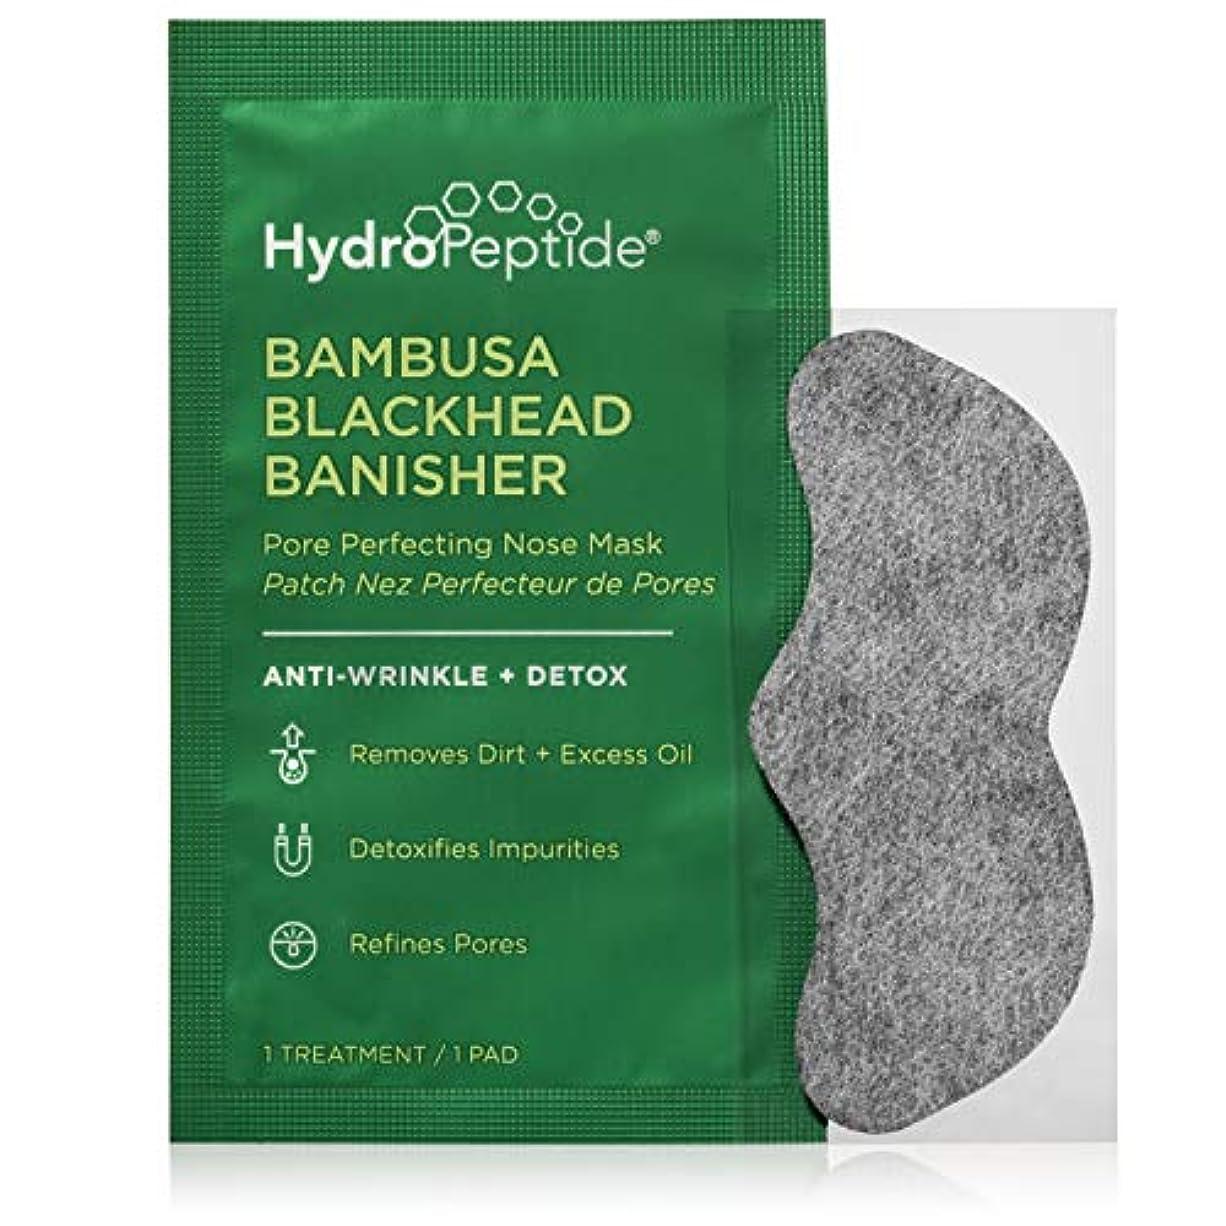 グッゲンハイム美術館いつ九時四十五分ハイドロペプチド Bambusa Blackhead Banisher Pore Perfecting Nose Mask 8sheets並行輸入品